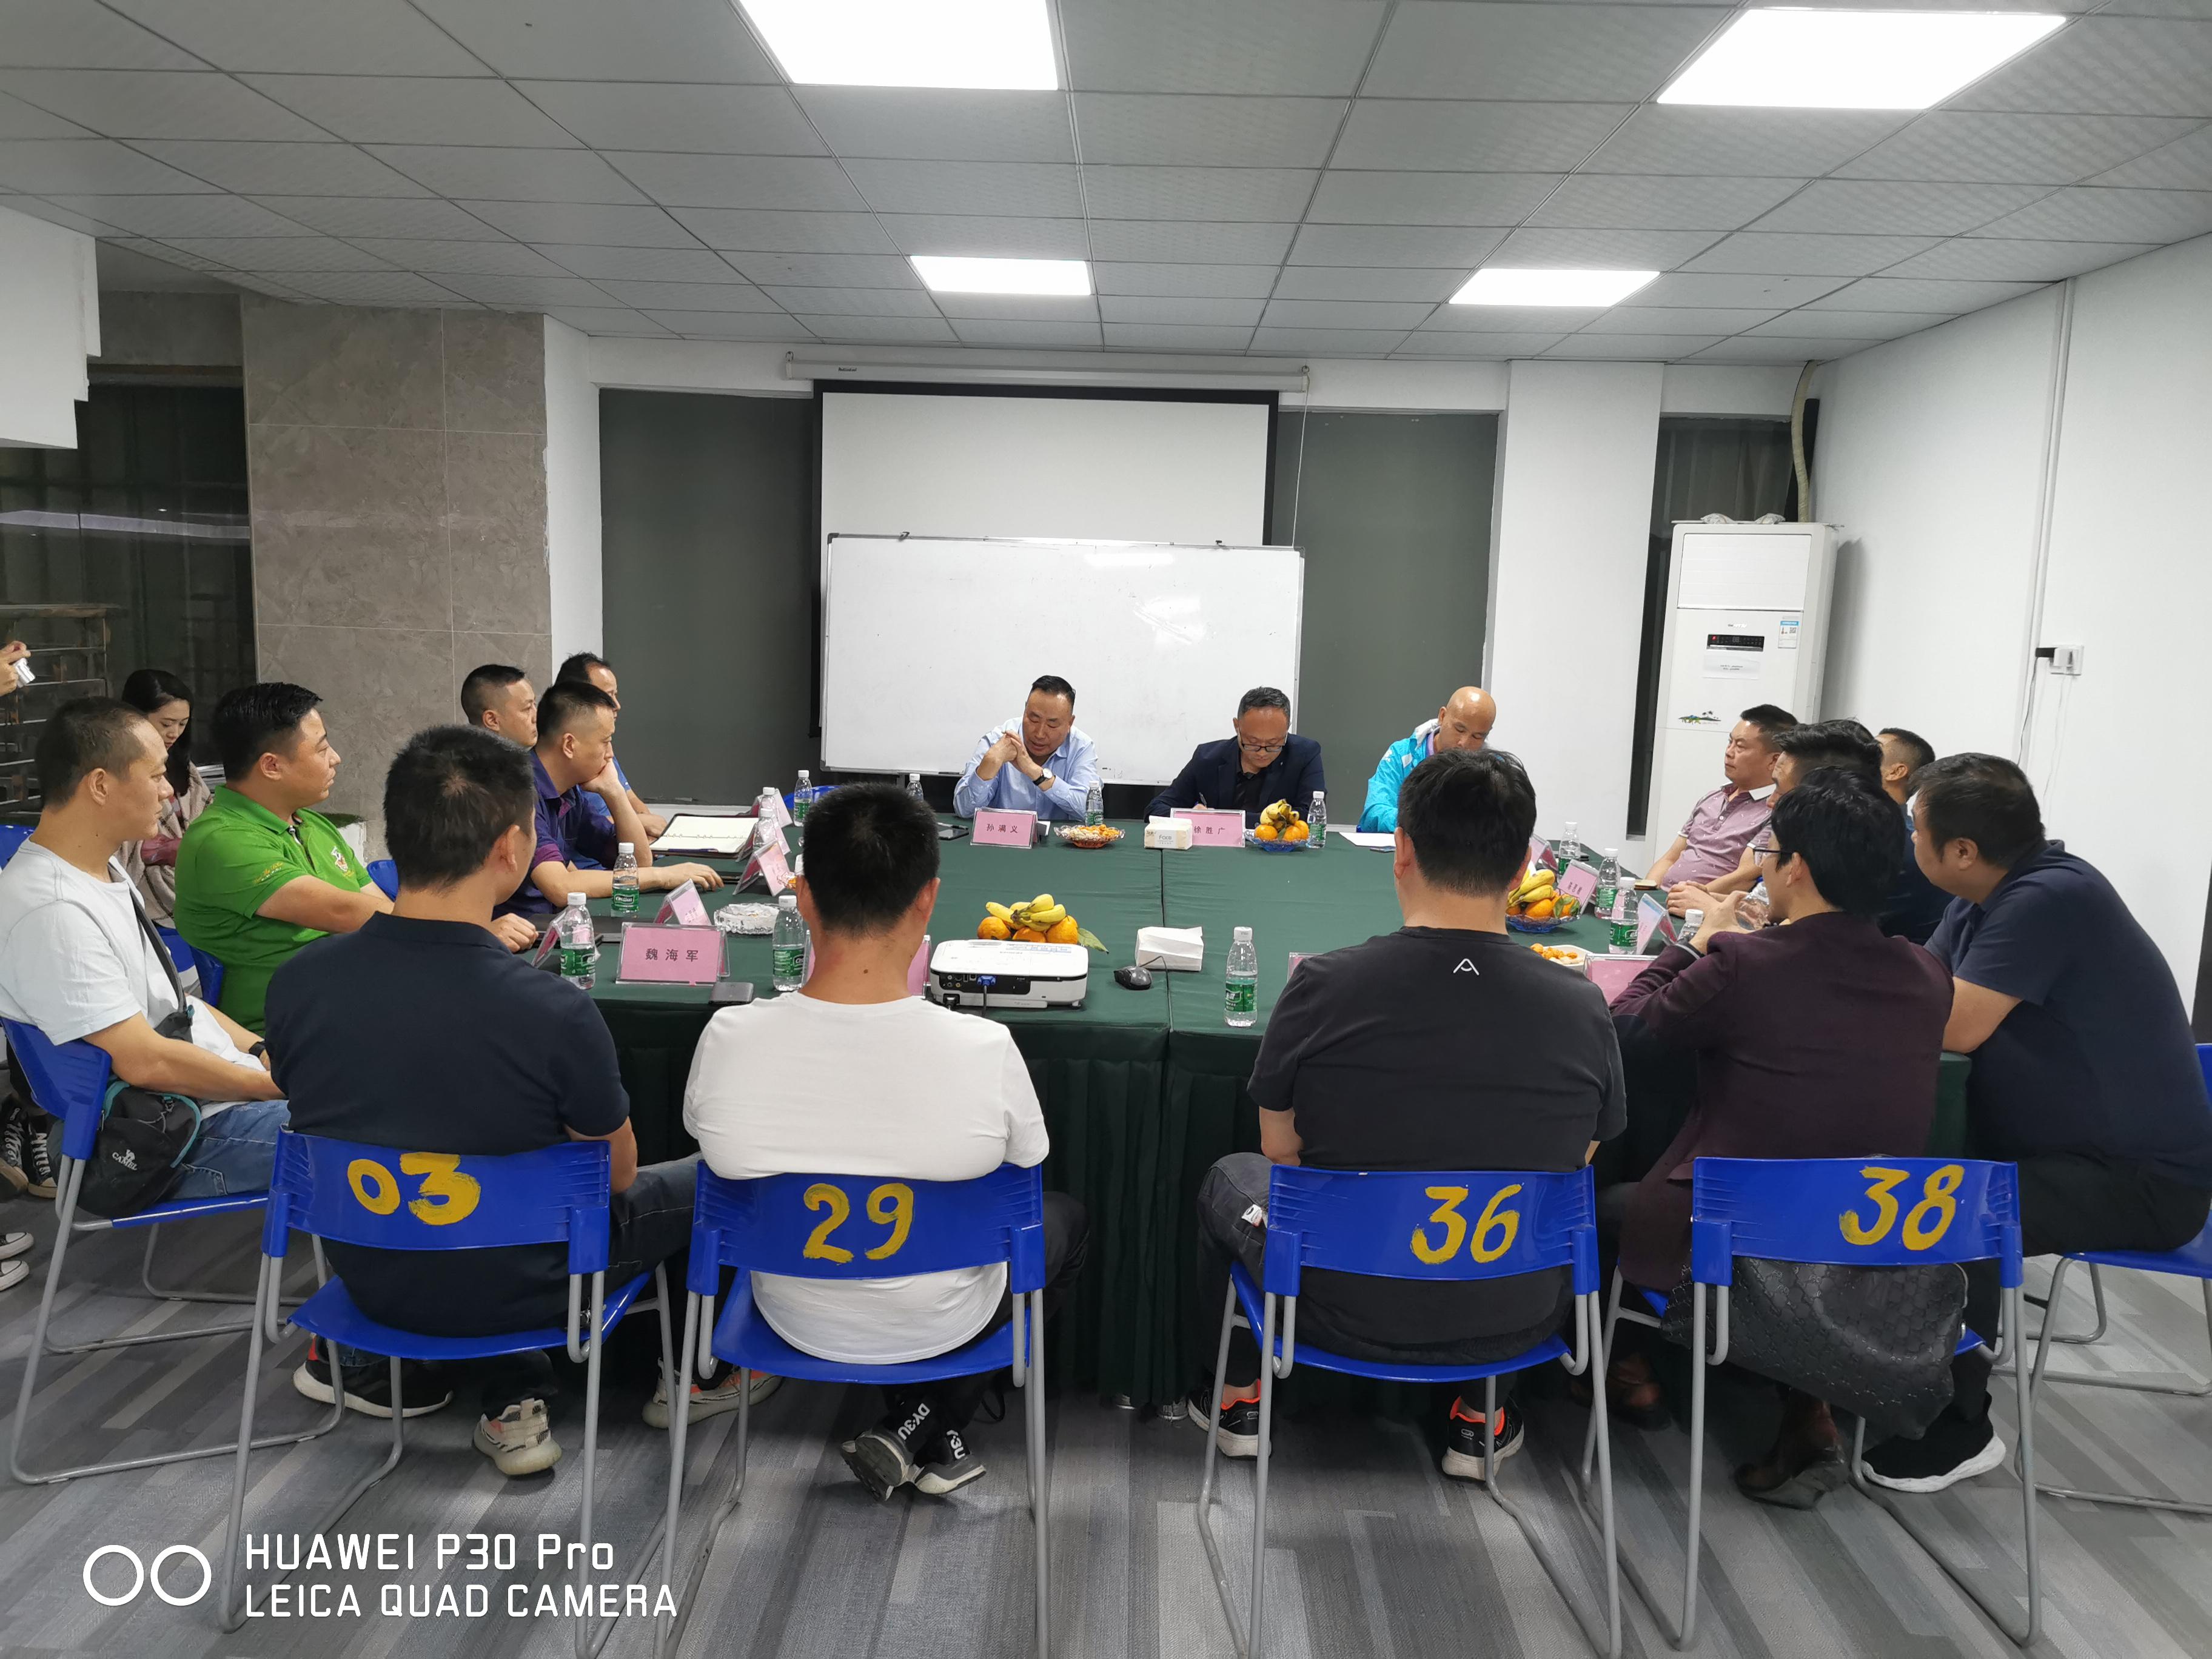 广东省光电照明协会召开广东产融照明工程项目座谈会